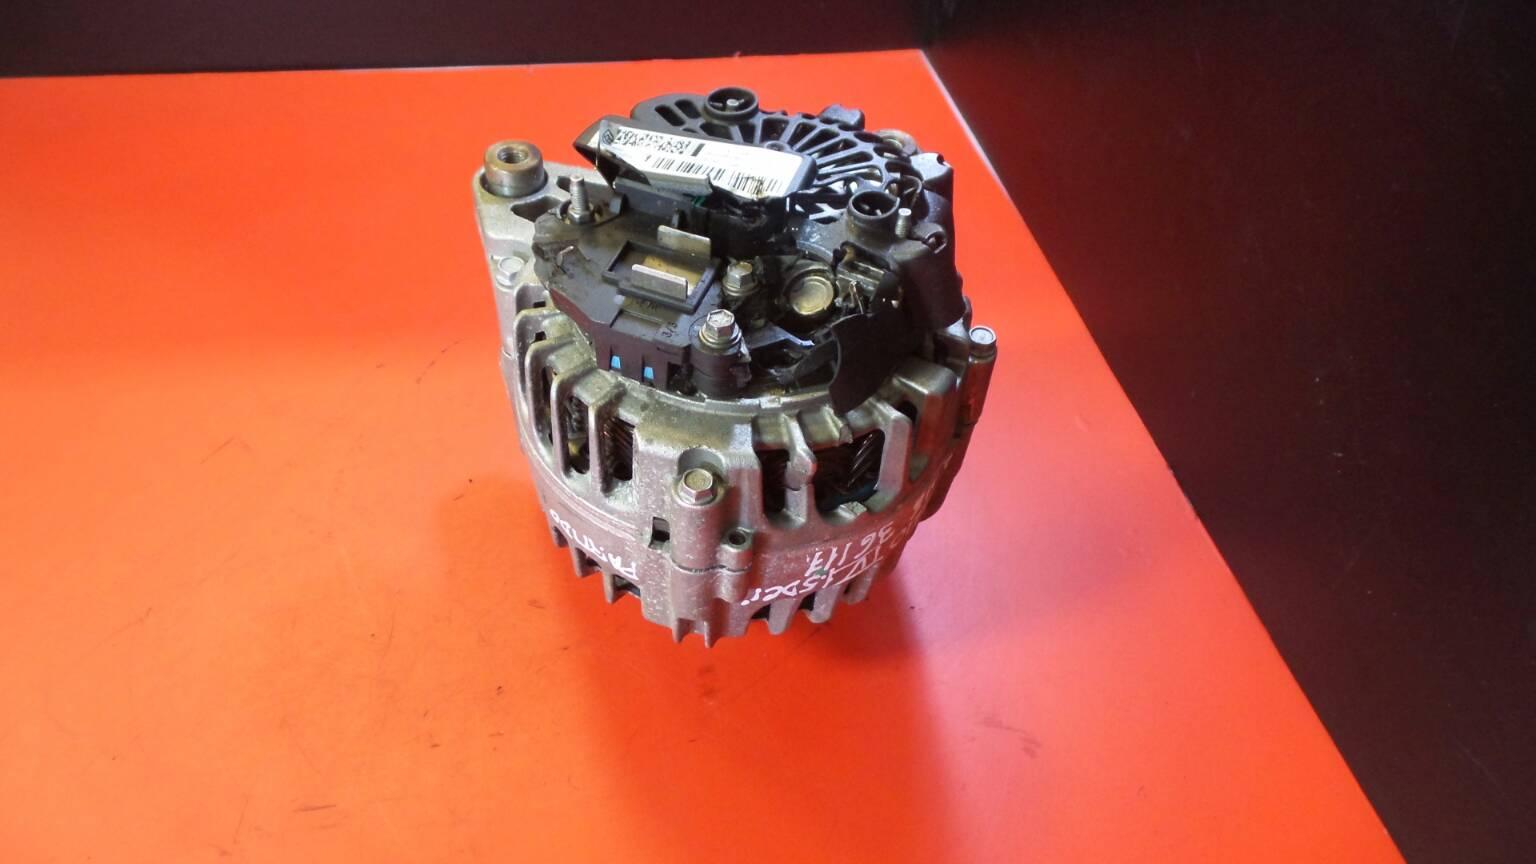 Centralina do Motor   ECU VOLKSWAGEN PASSAT (3B3)   00 - 05